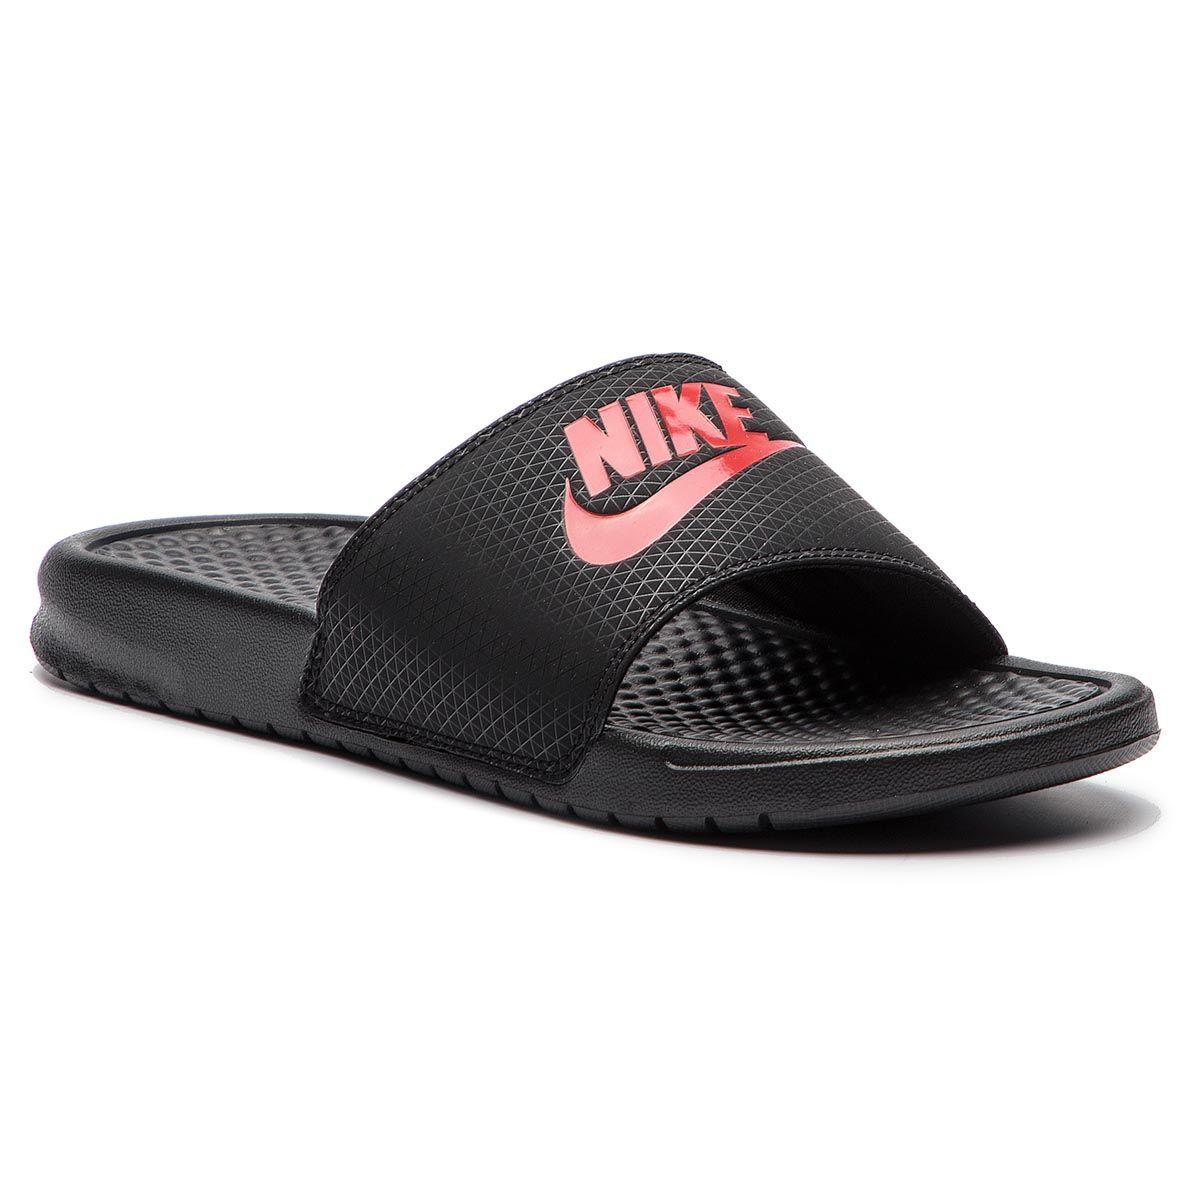 más baratas información para suave y ligero OFERTA solo 26€ #zapatillas Nike | Chanclas nike, Nike, Chanclas